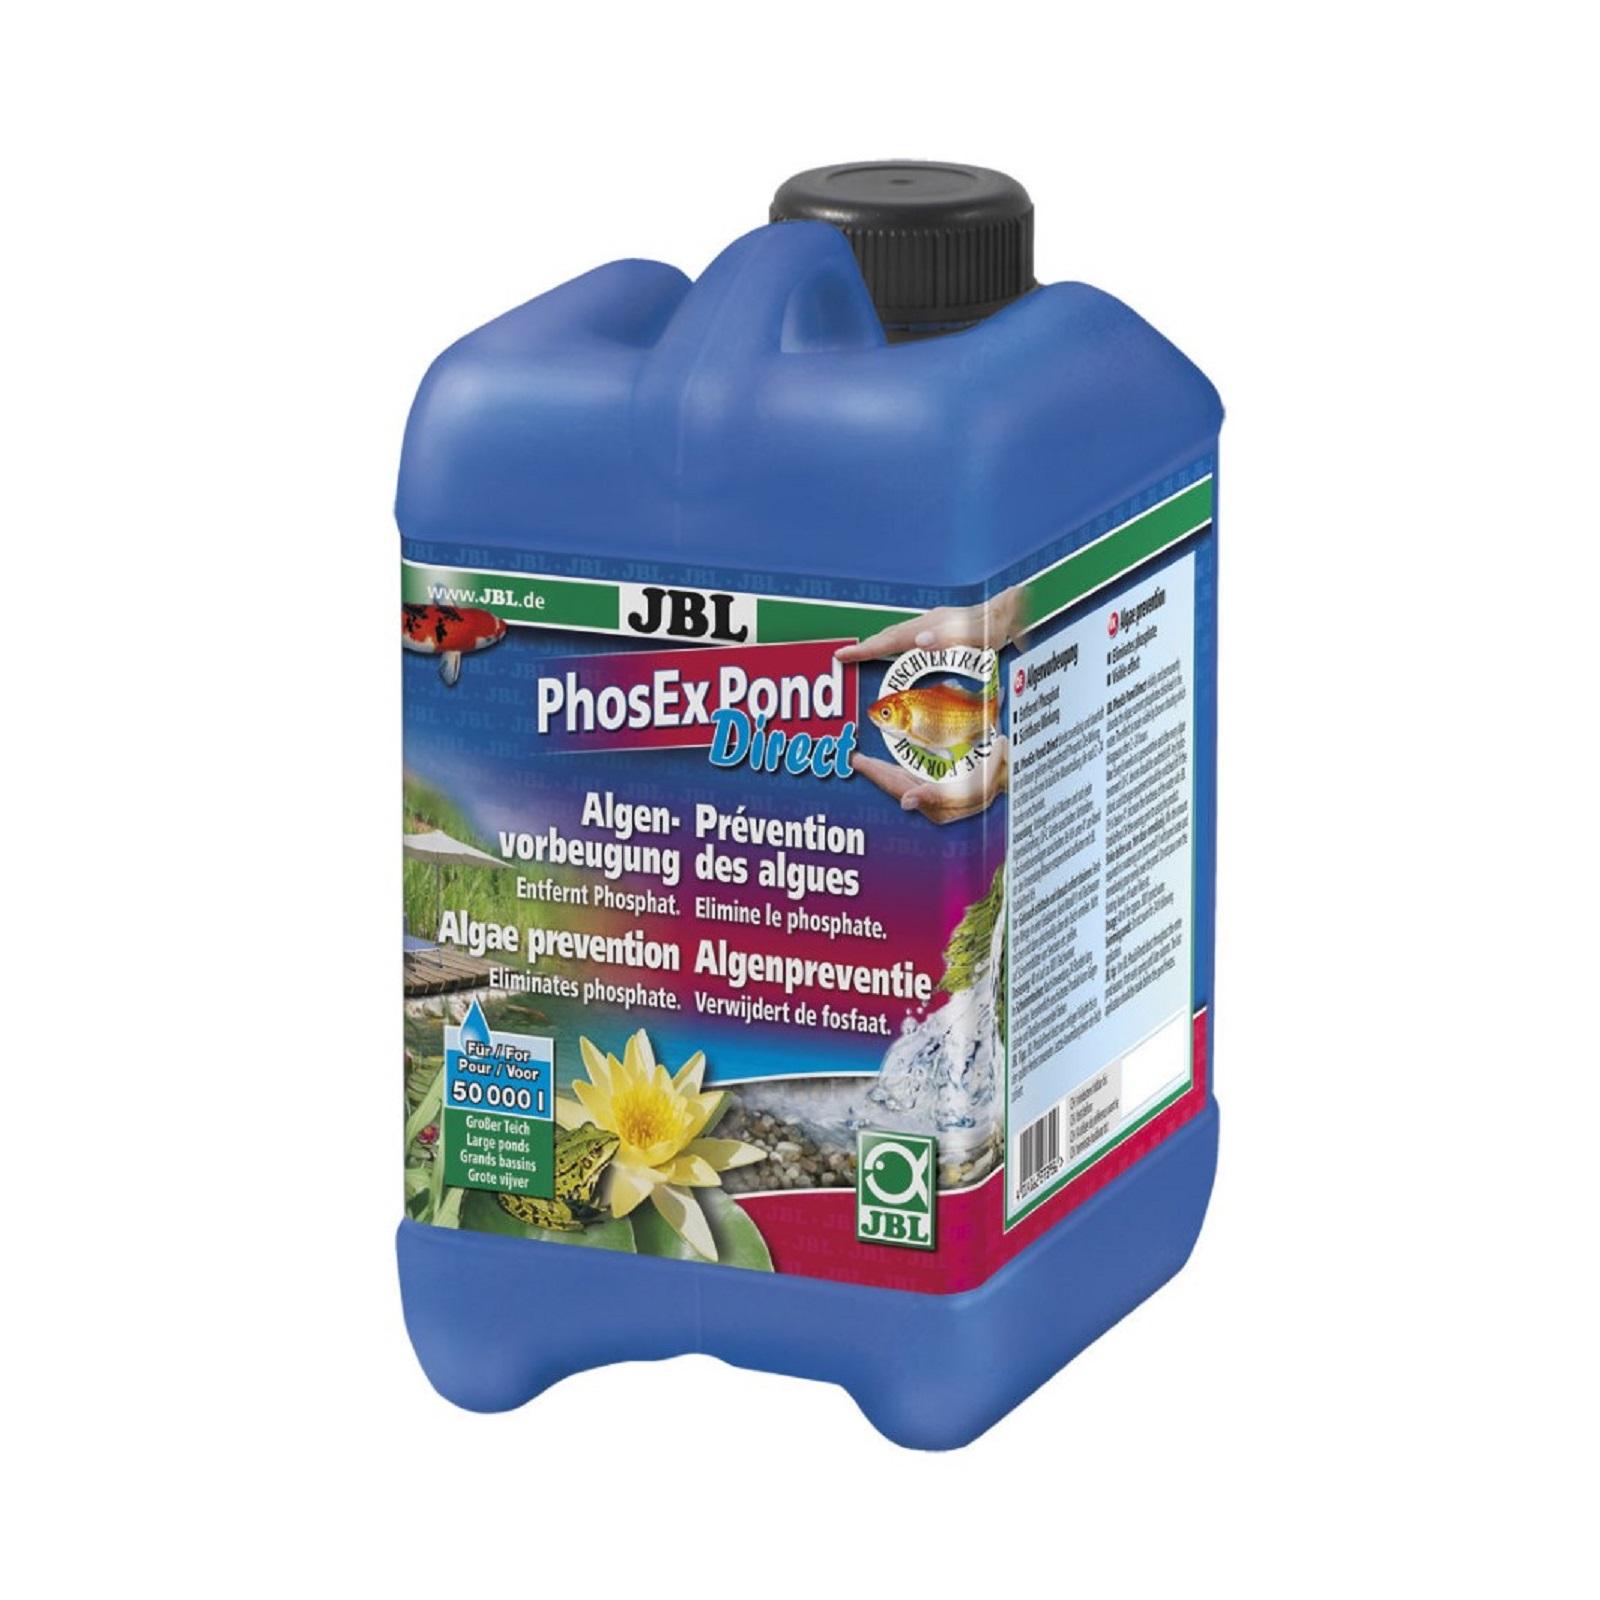 JBL PhosEX Pond Direct 5 Liter Phosphatentferner Teich Algenvorbeugung